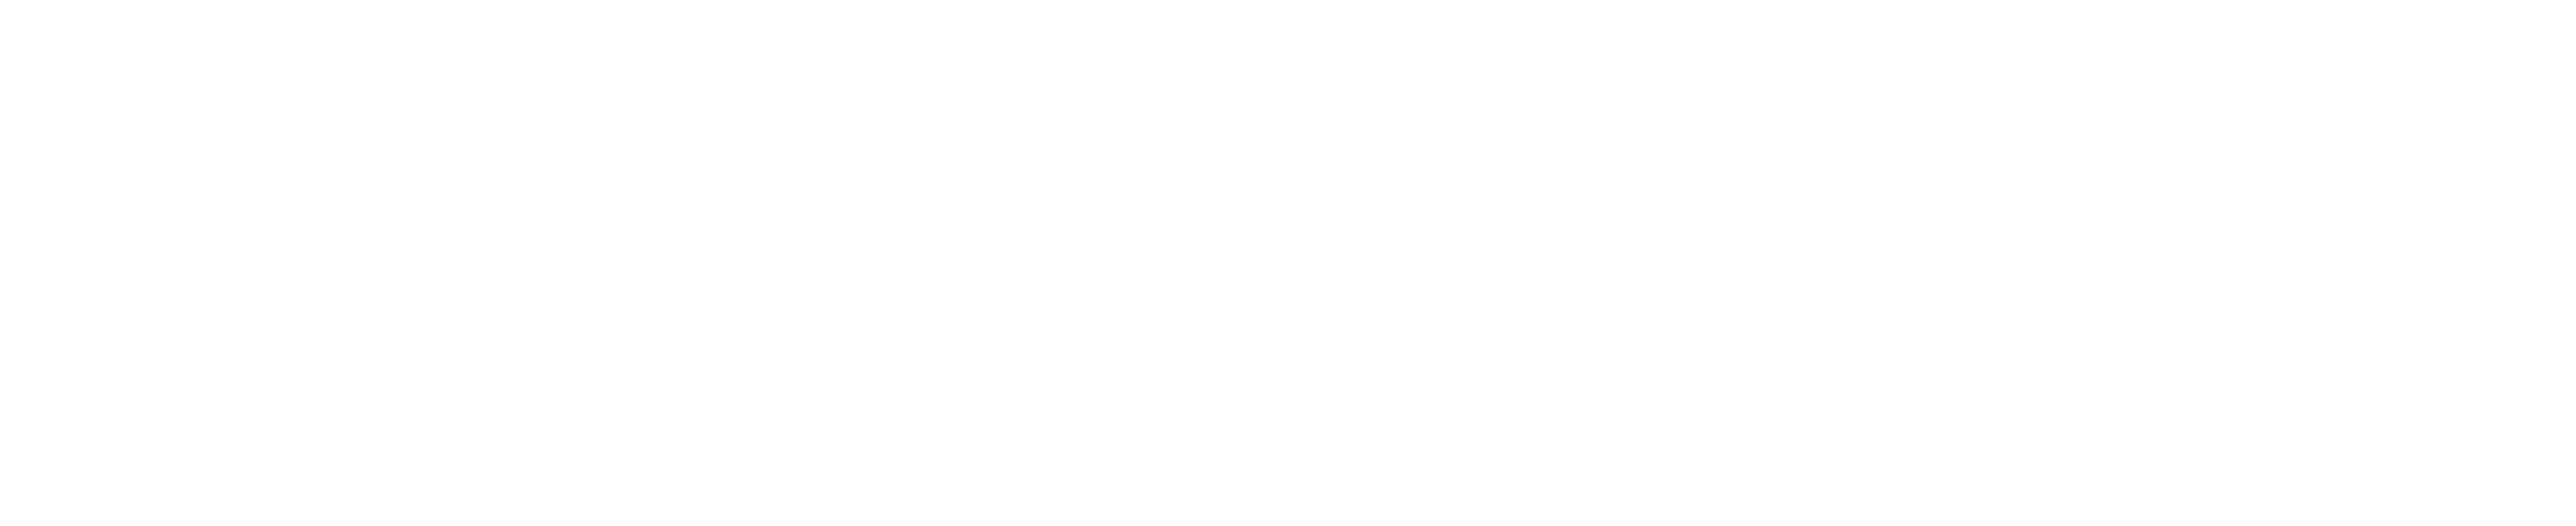 DataStealth Logo 2018 WHITE-2